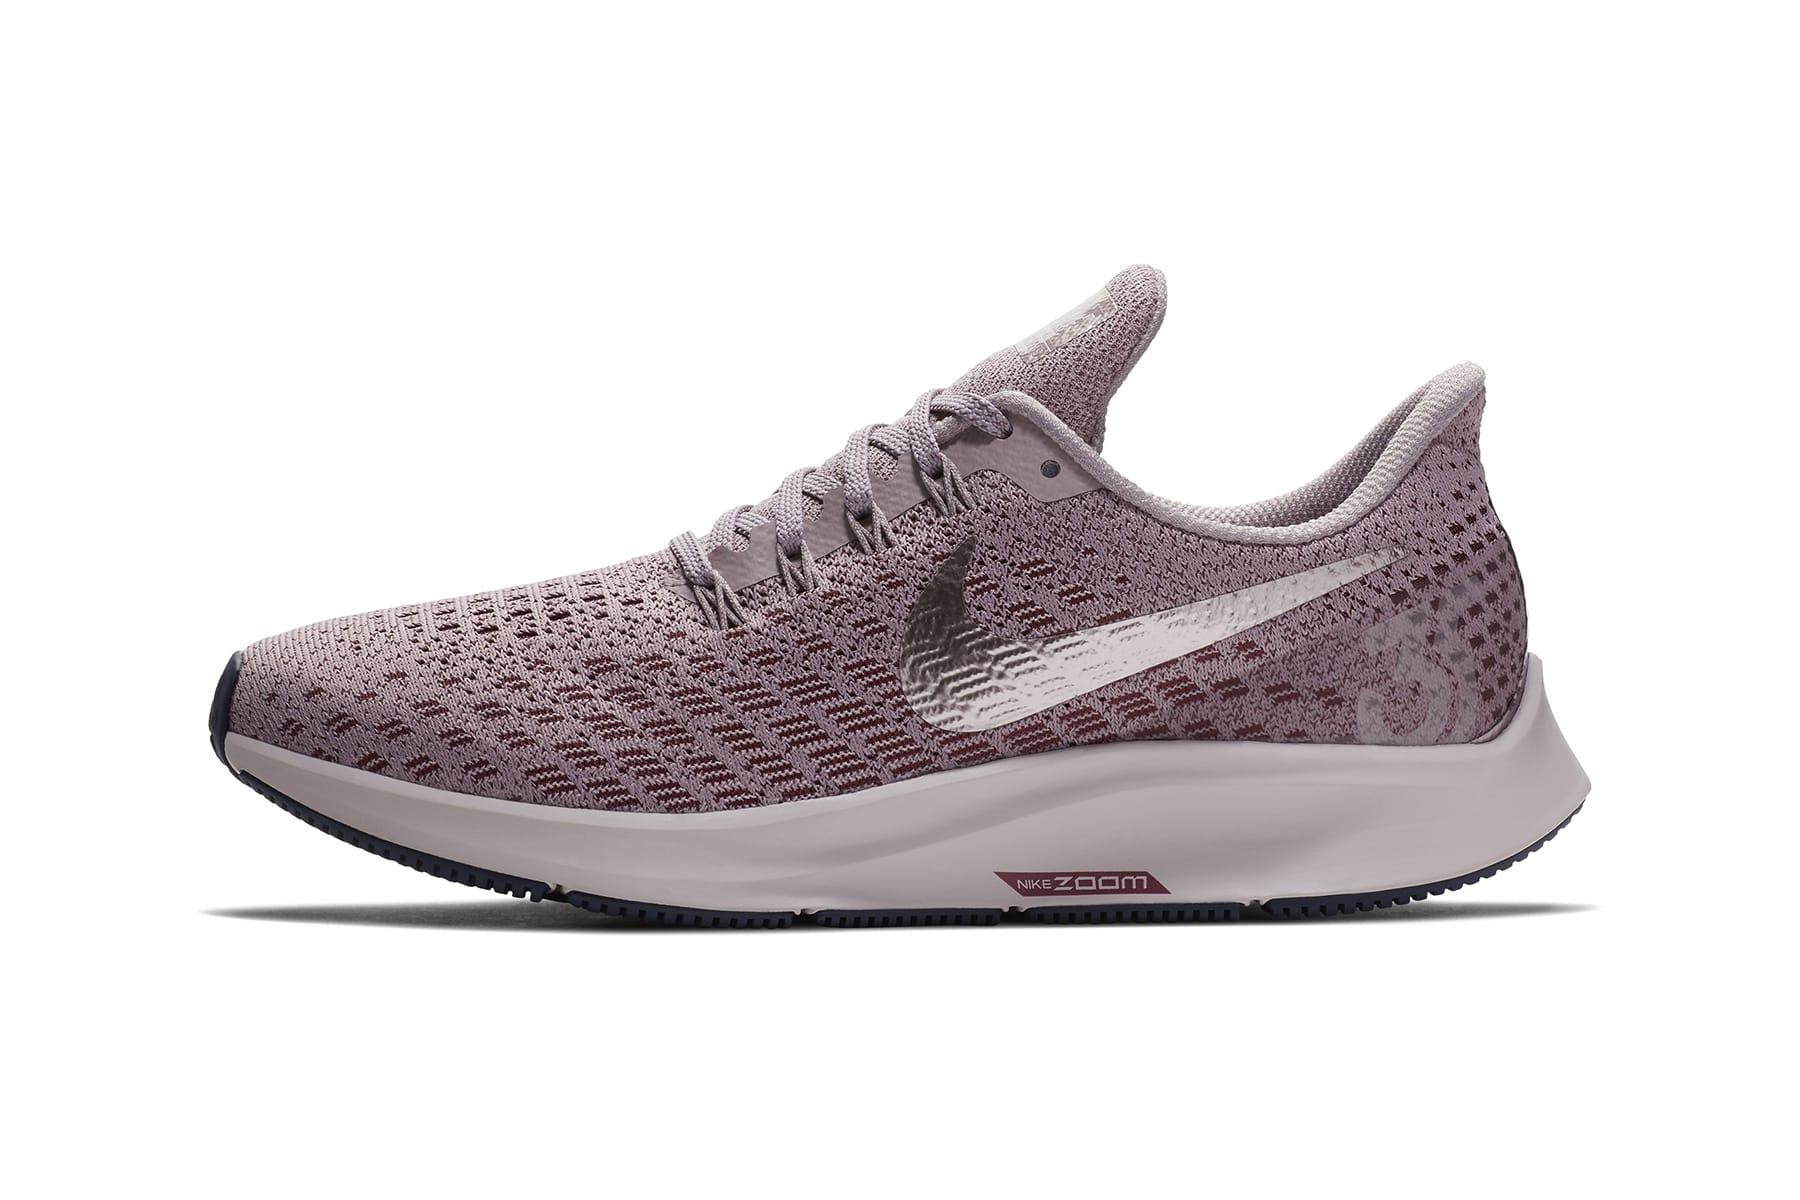 Nike Air Zoom Pegasus 35 Release Date